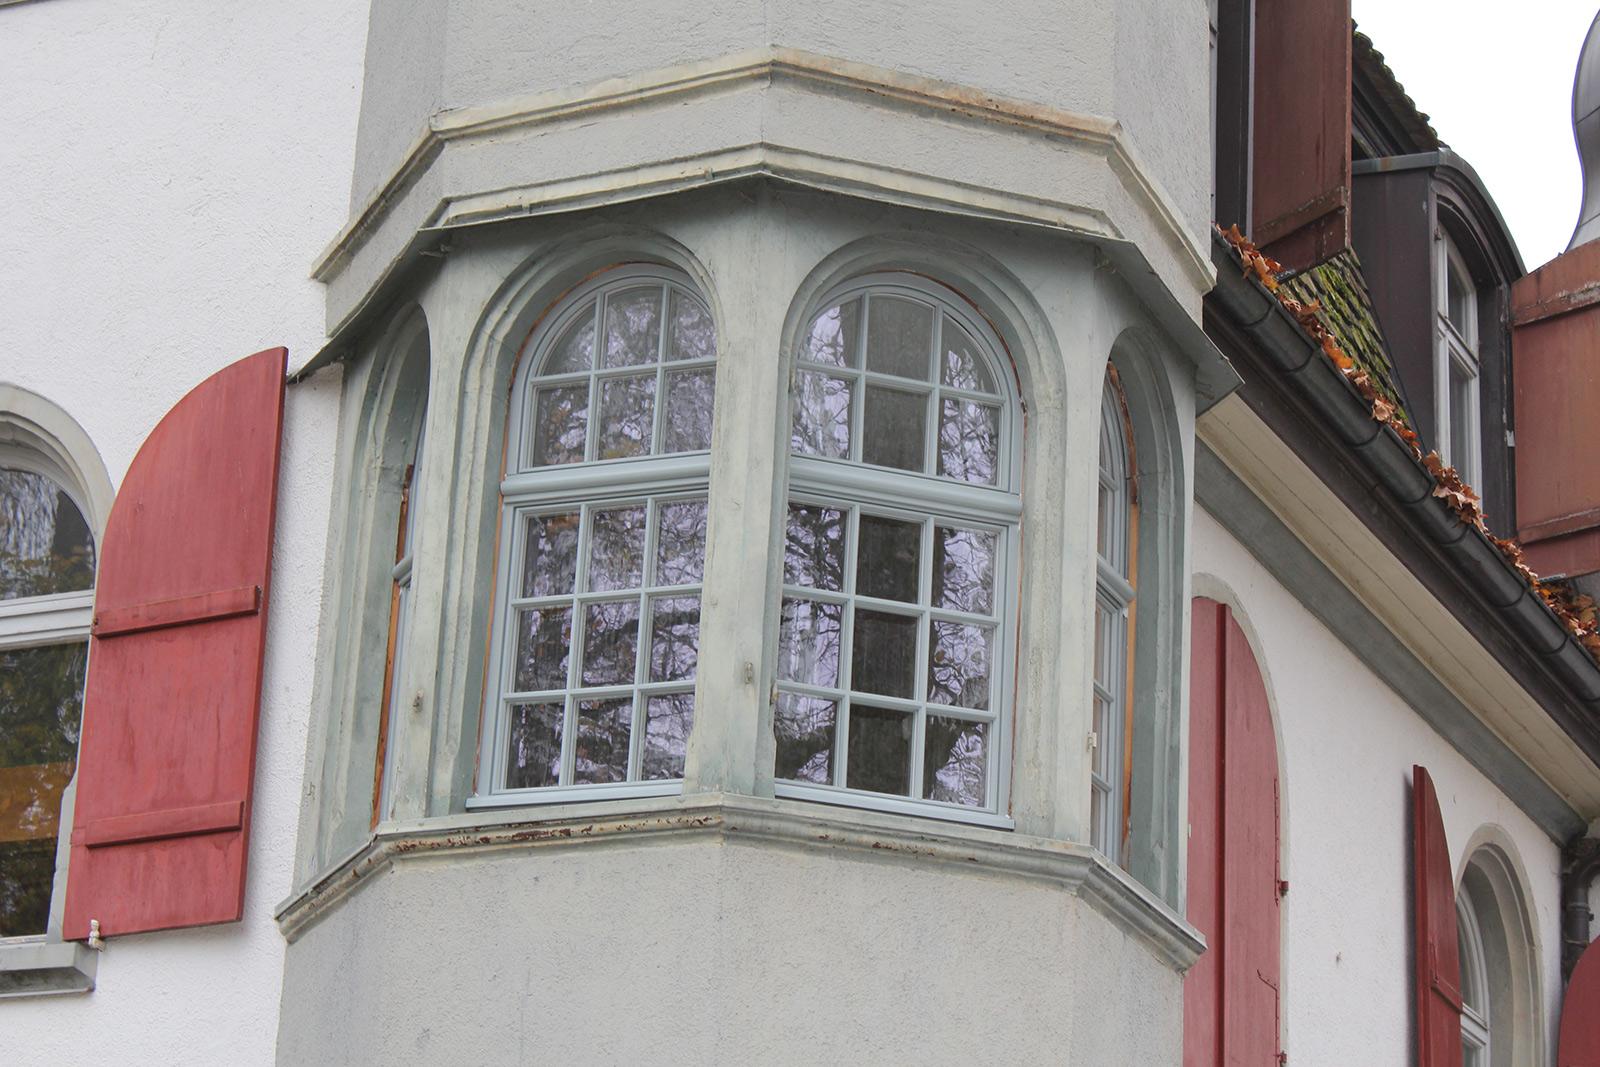 jugendherberge belair randenstrasse 65 schaffhausen historfen historische fenster renovieren. Black Bedroom Furniture Sets. Home Design Ideas